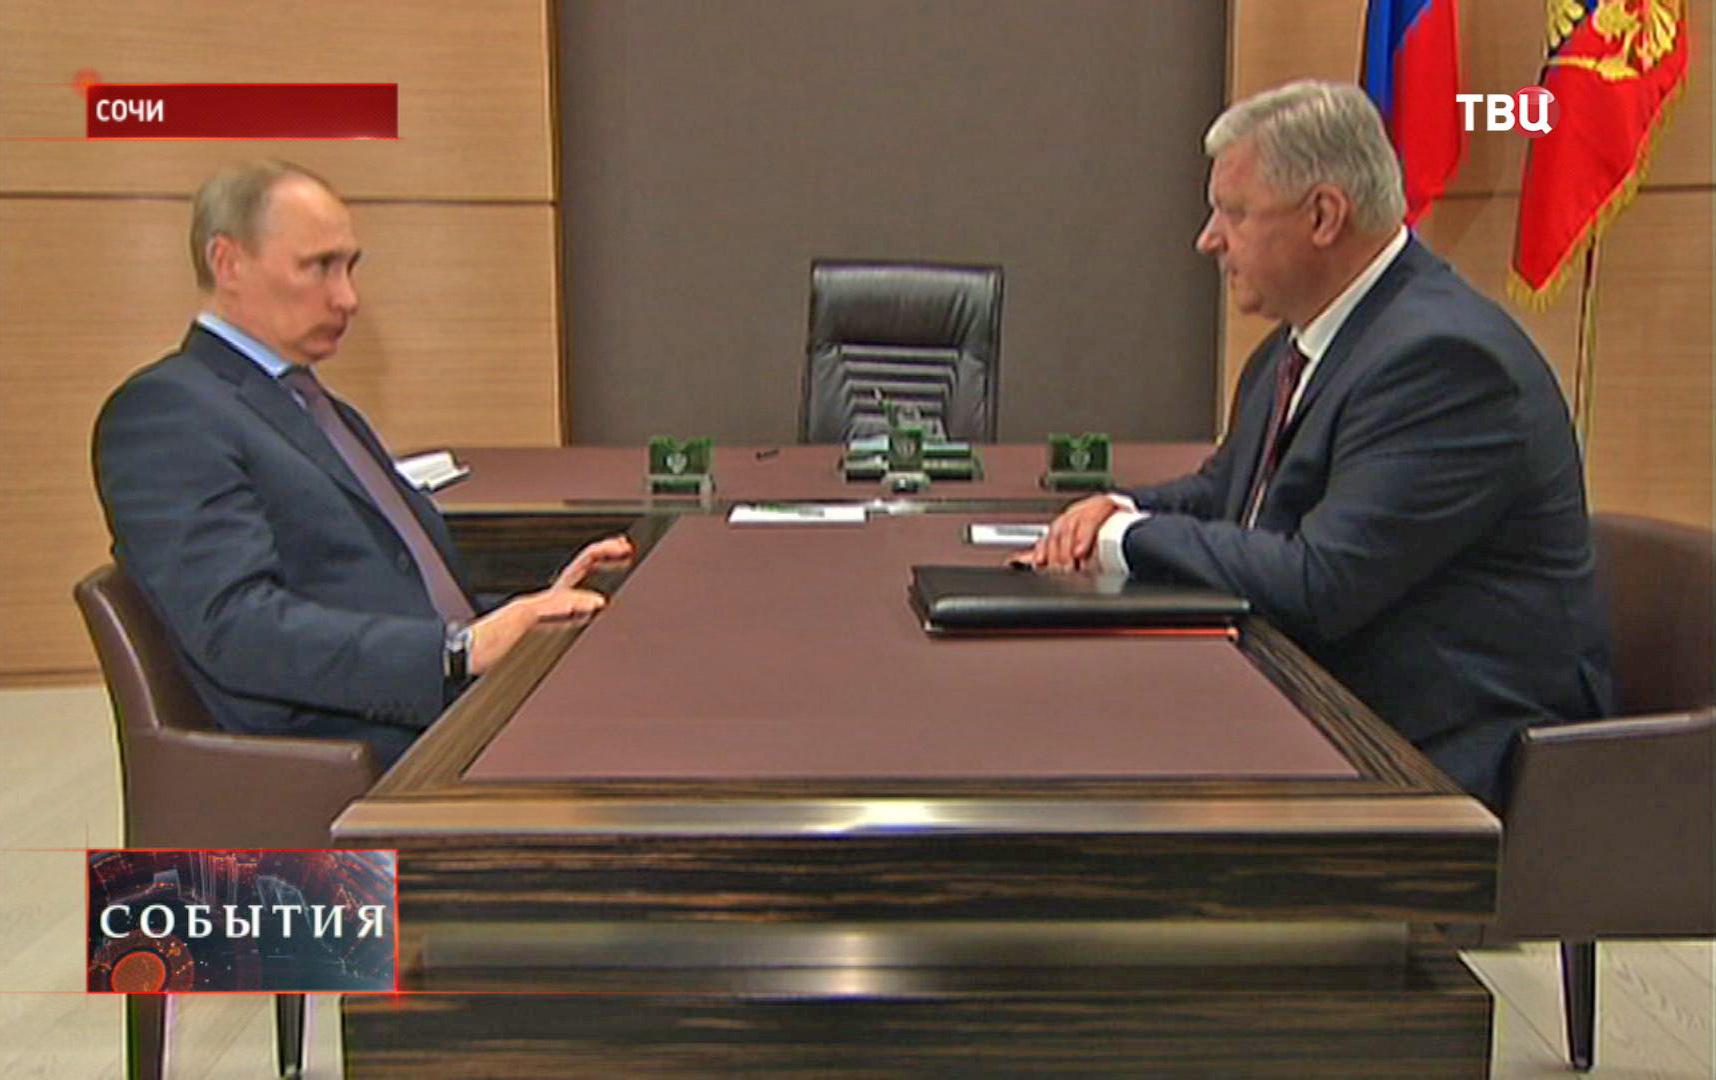 Владимир Путин на встрече с председателем федерации независимых профсоюзов Михаилом Шмаковым